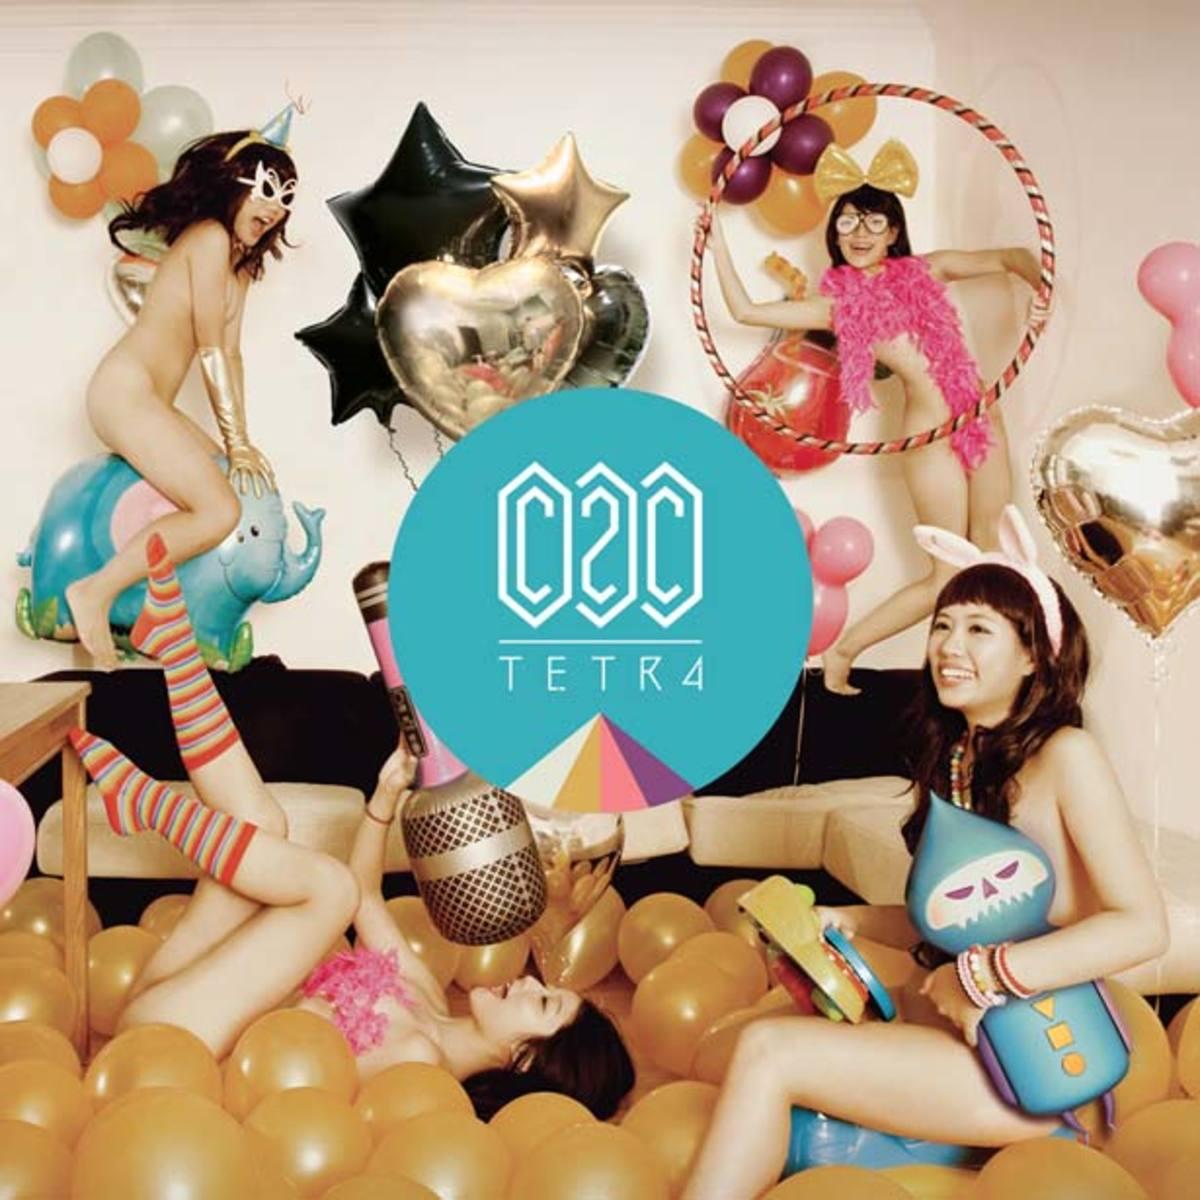 c2c-cover-art